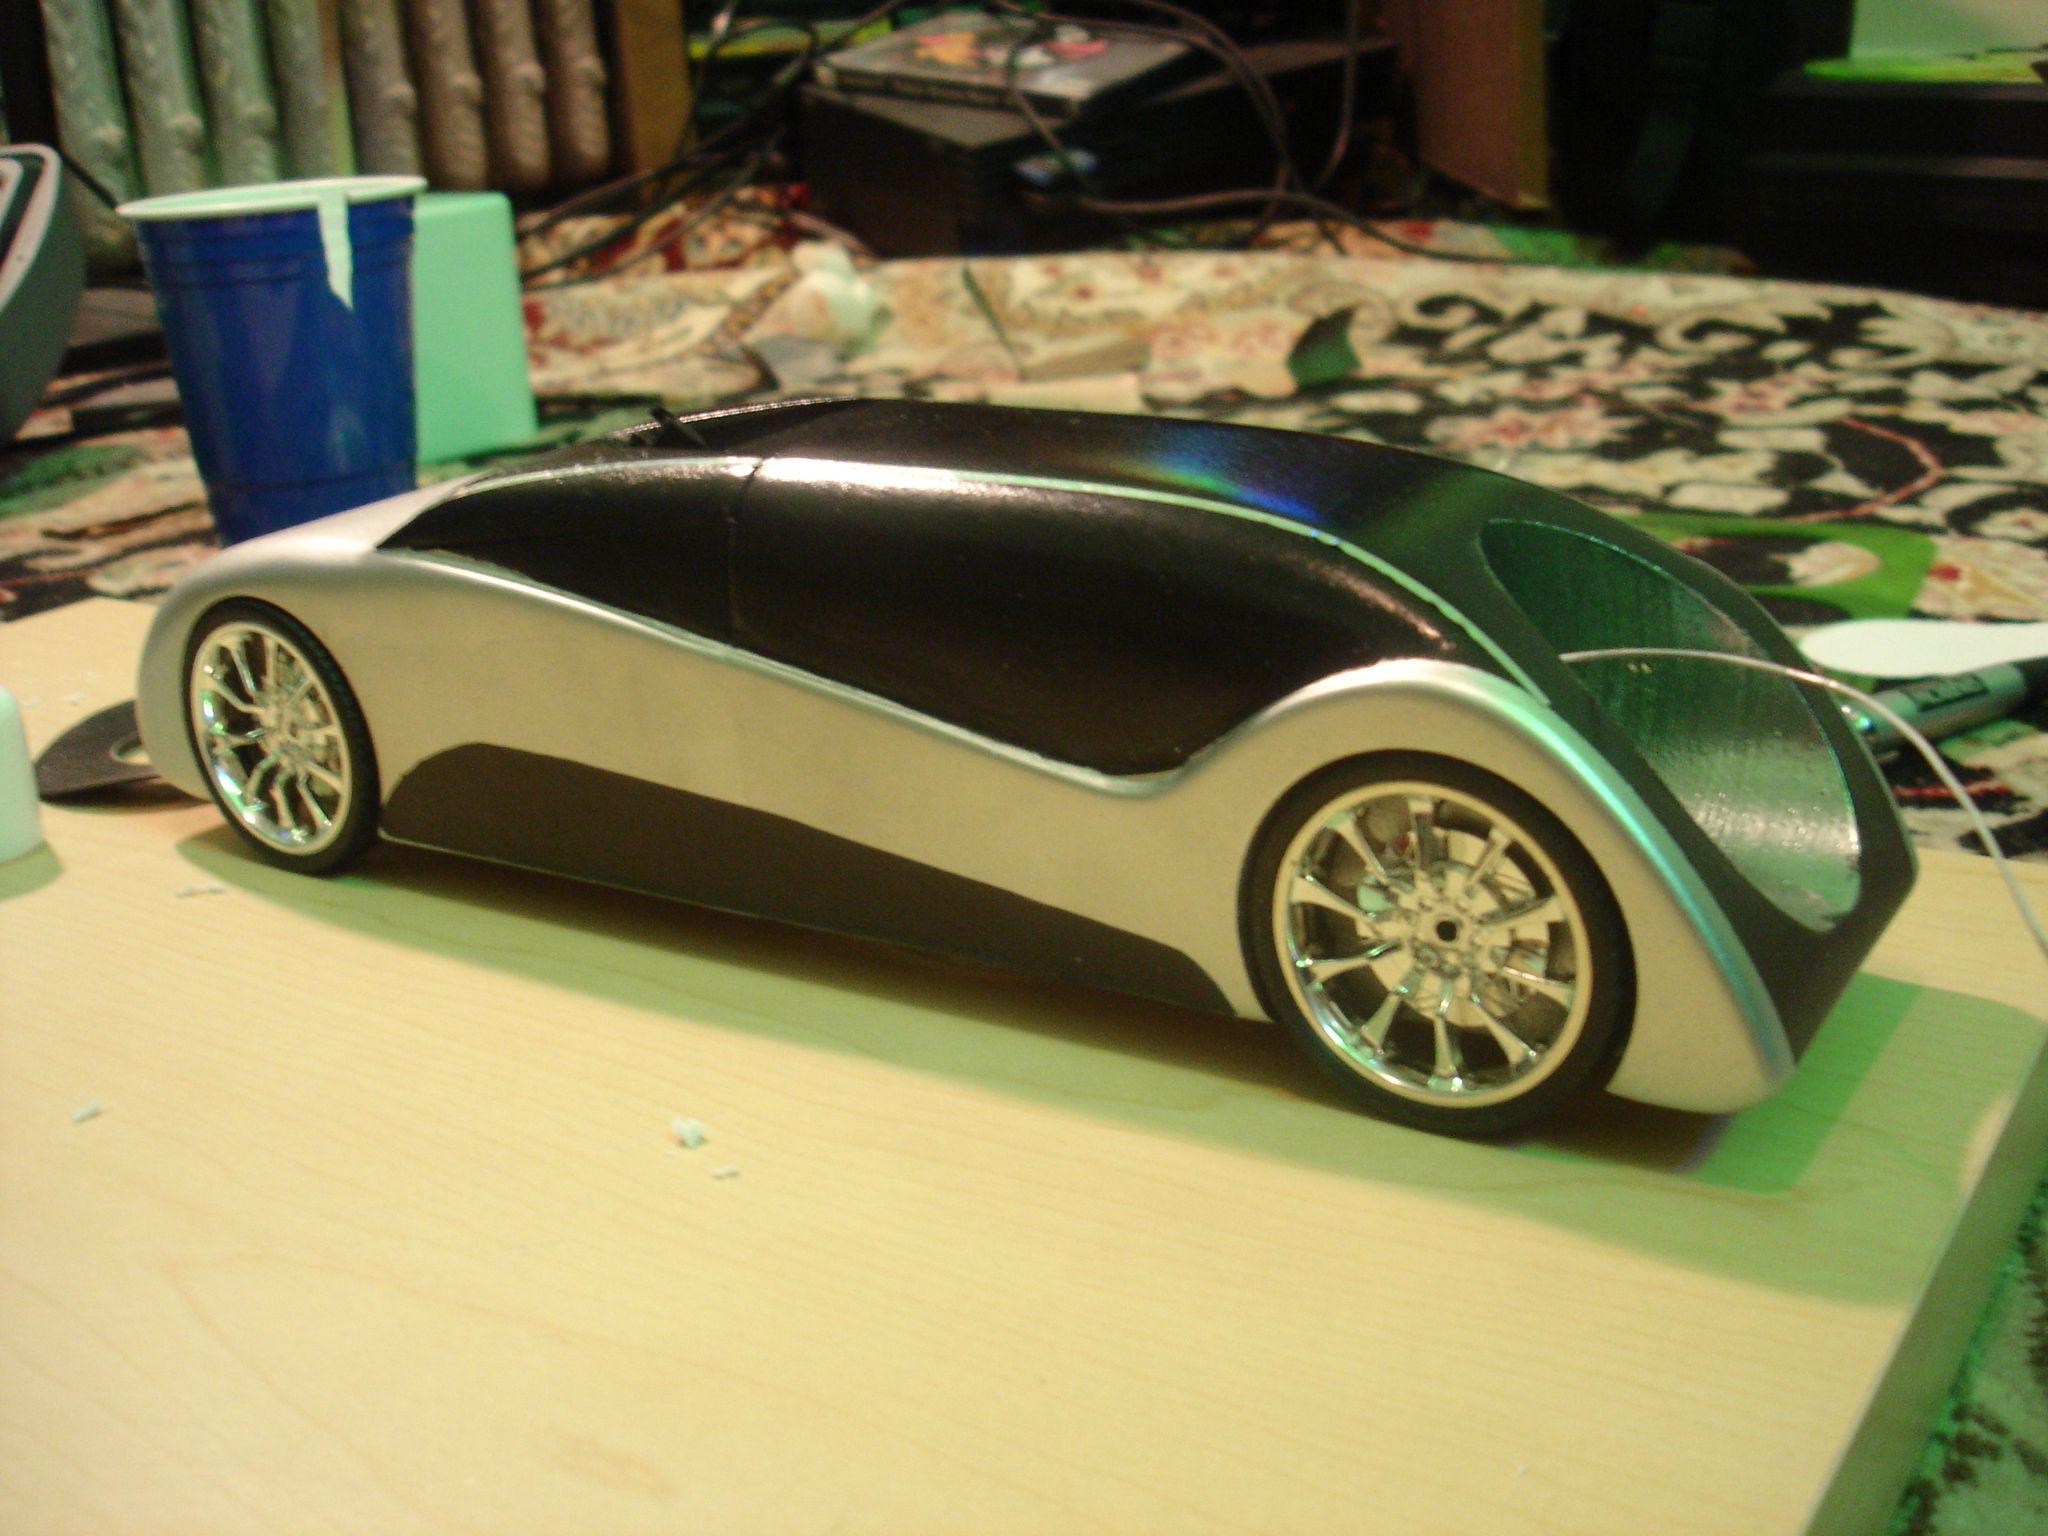 ferari pinewood derby car designs | Pinewood Derby design ...